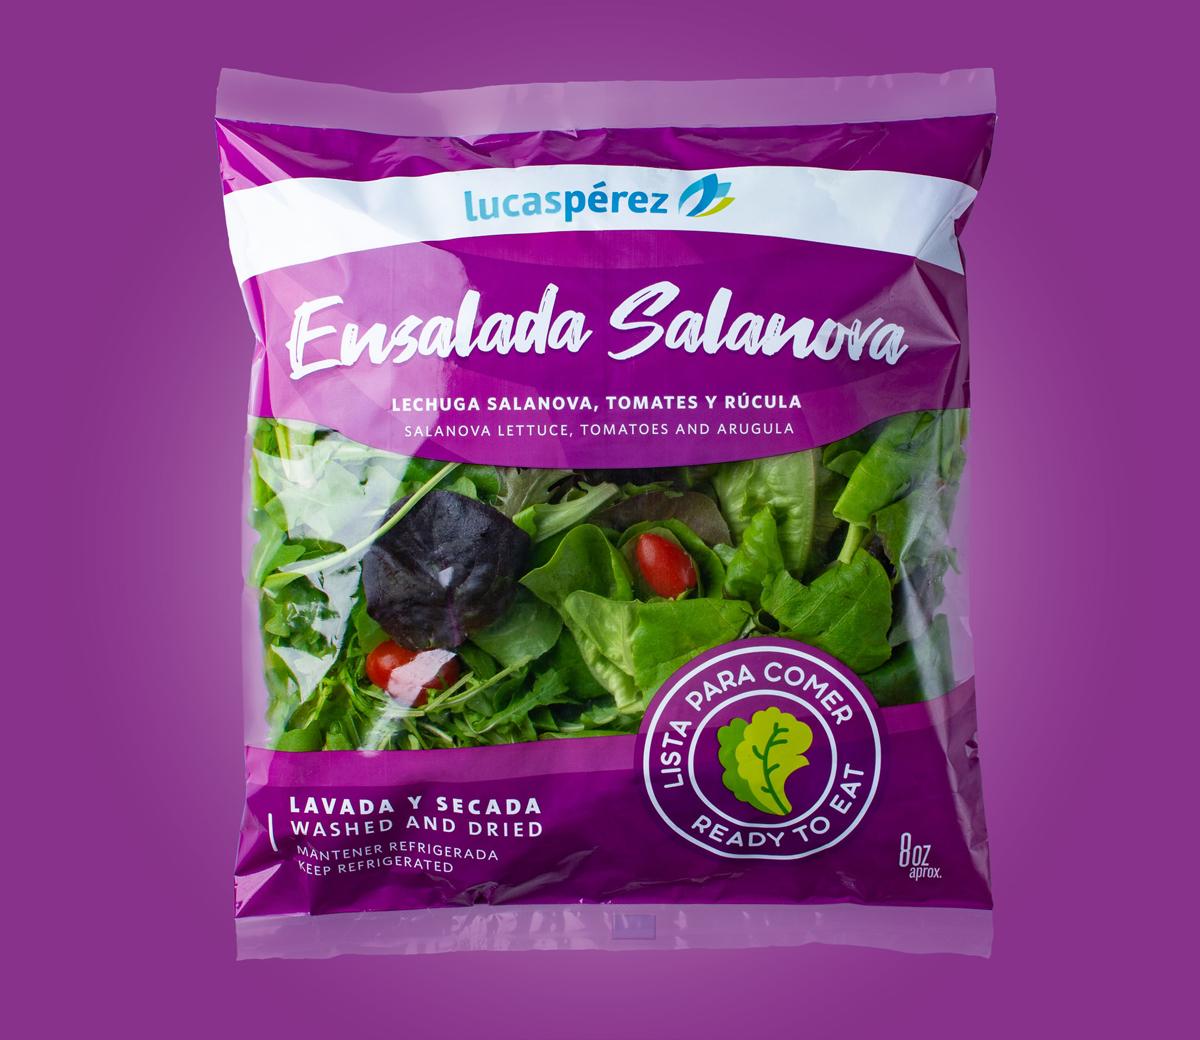 ensalada-salanova